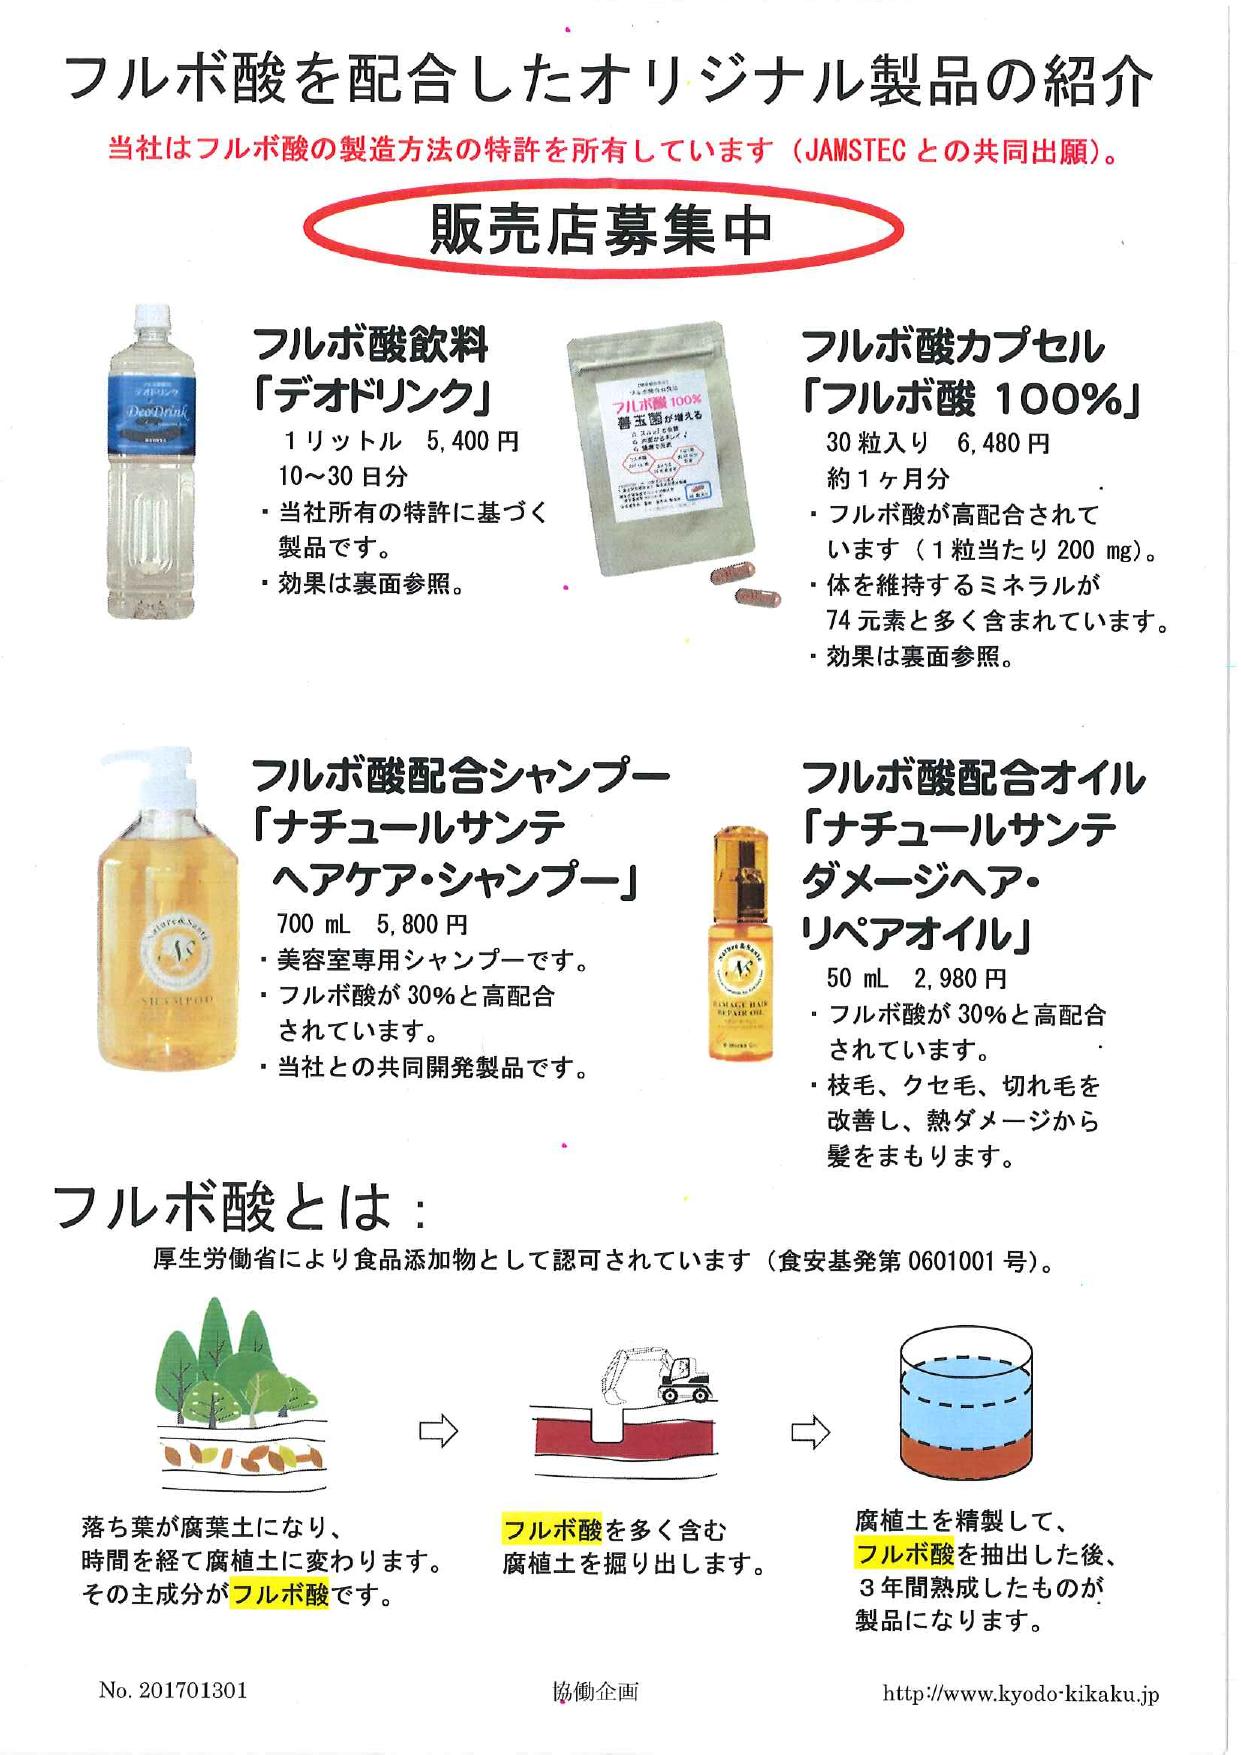 フルボ酸を配合したオリジナル製品の紹介